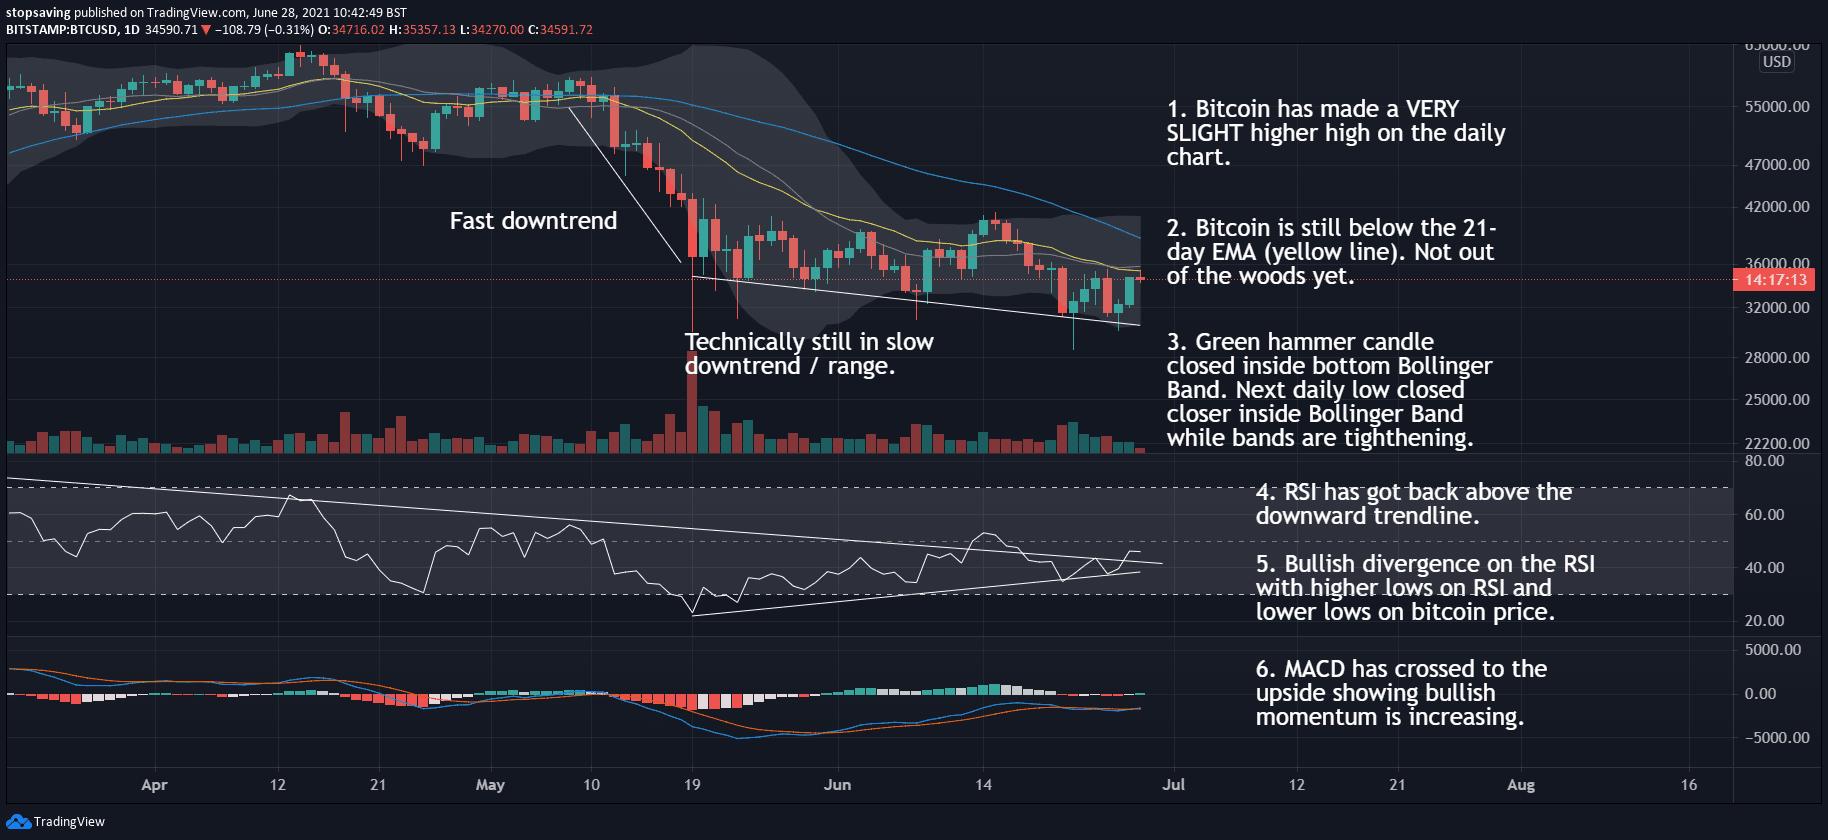 Bitcoin 1 day chart 28 June 2021